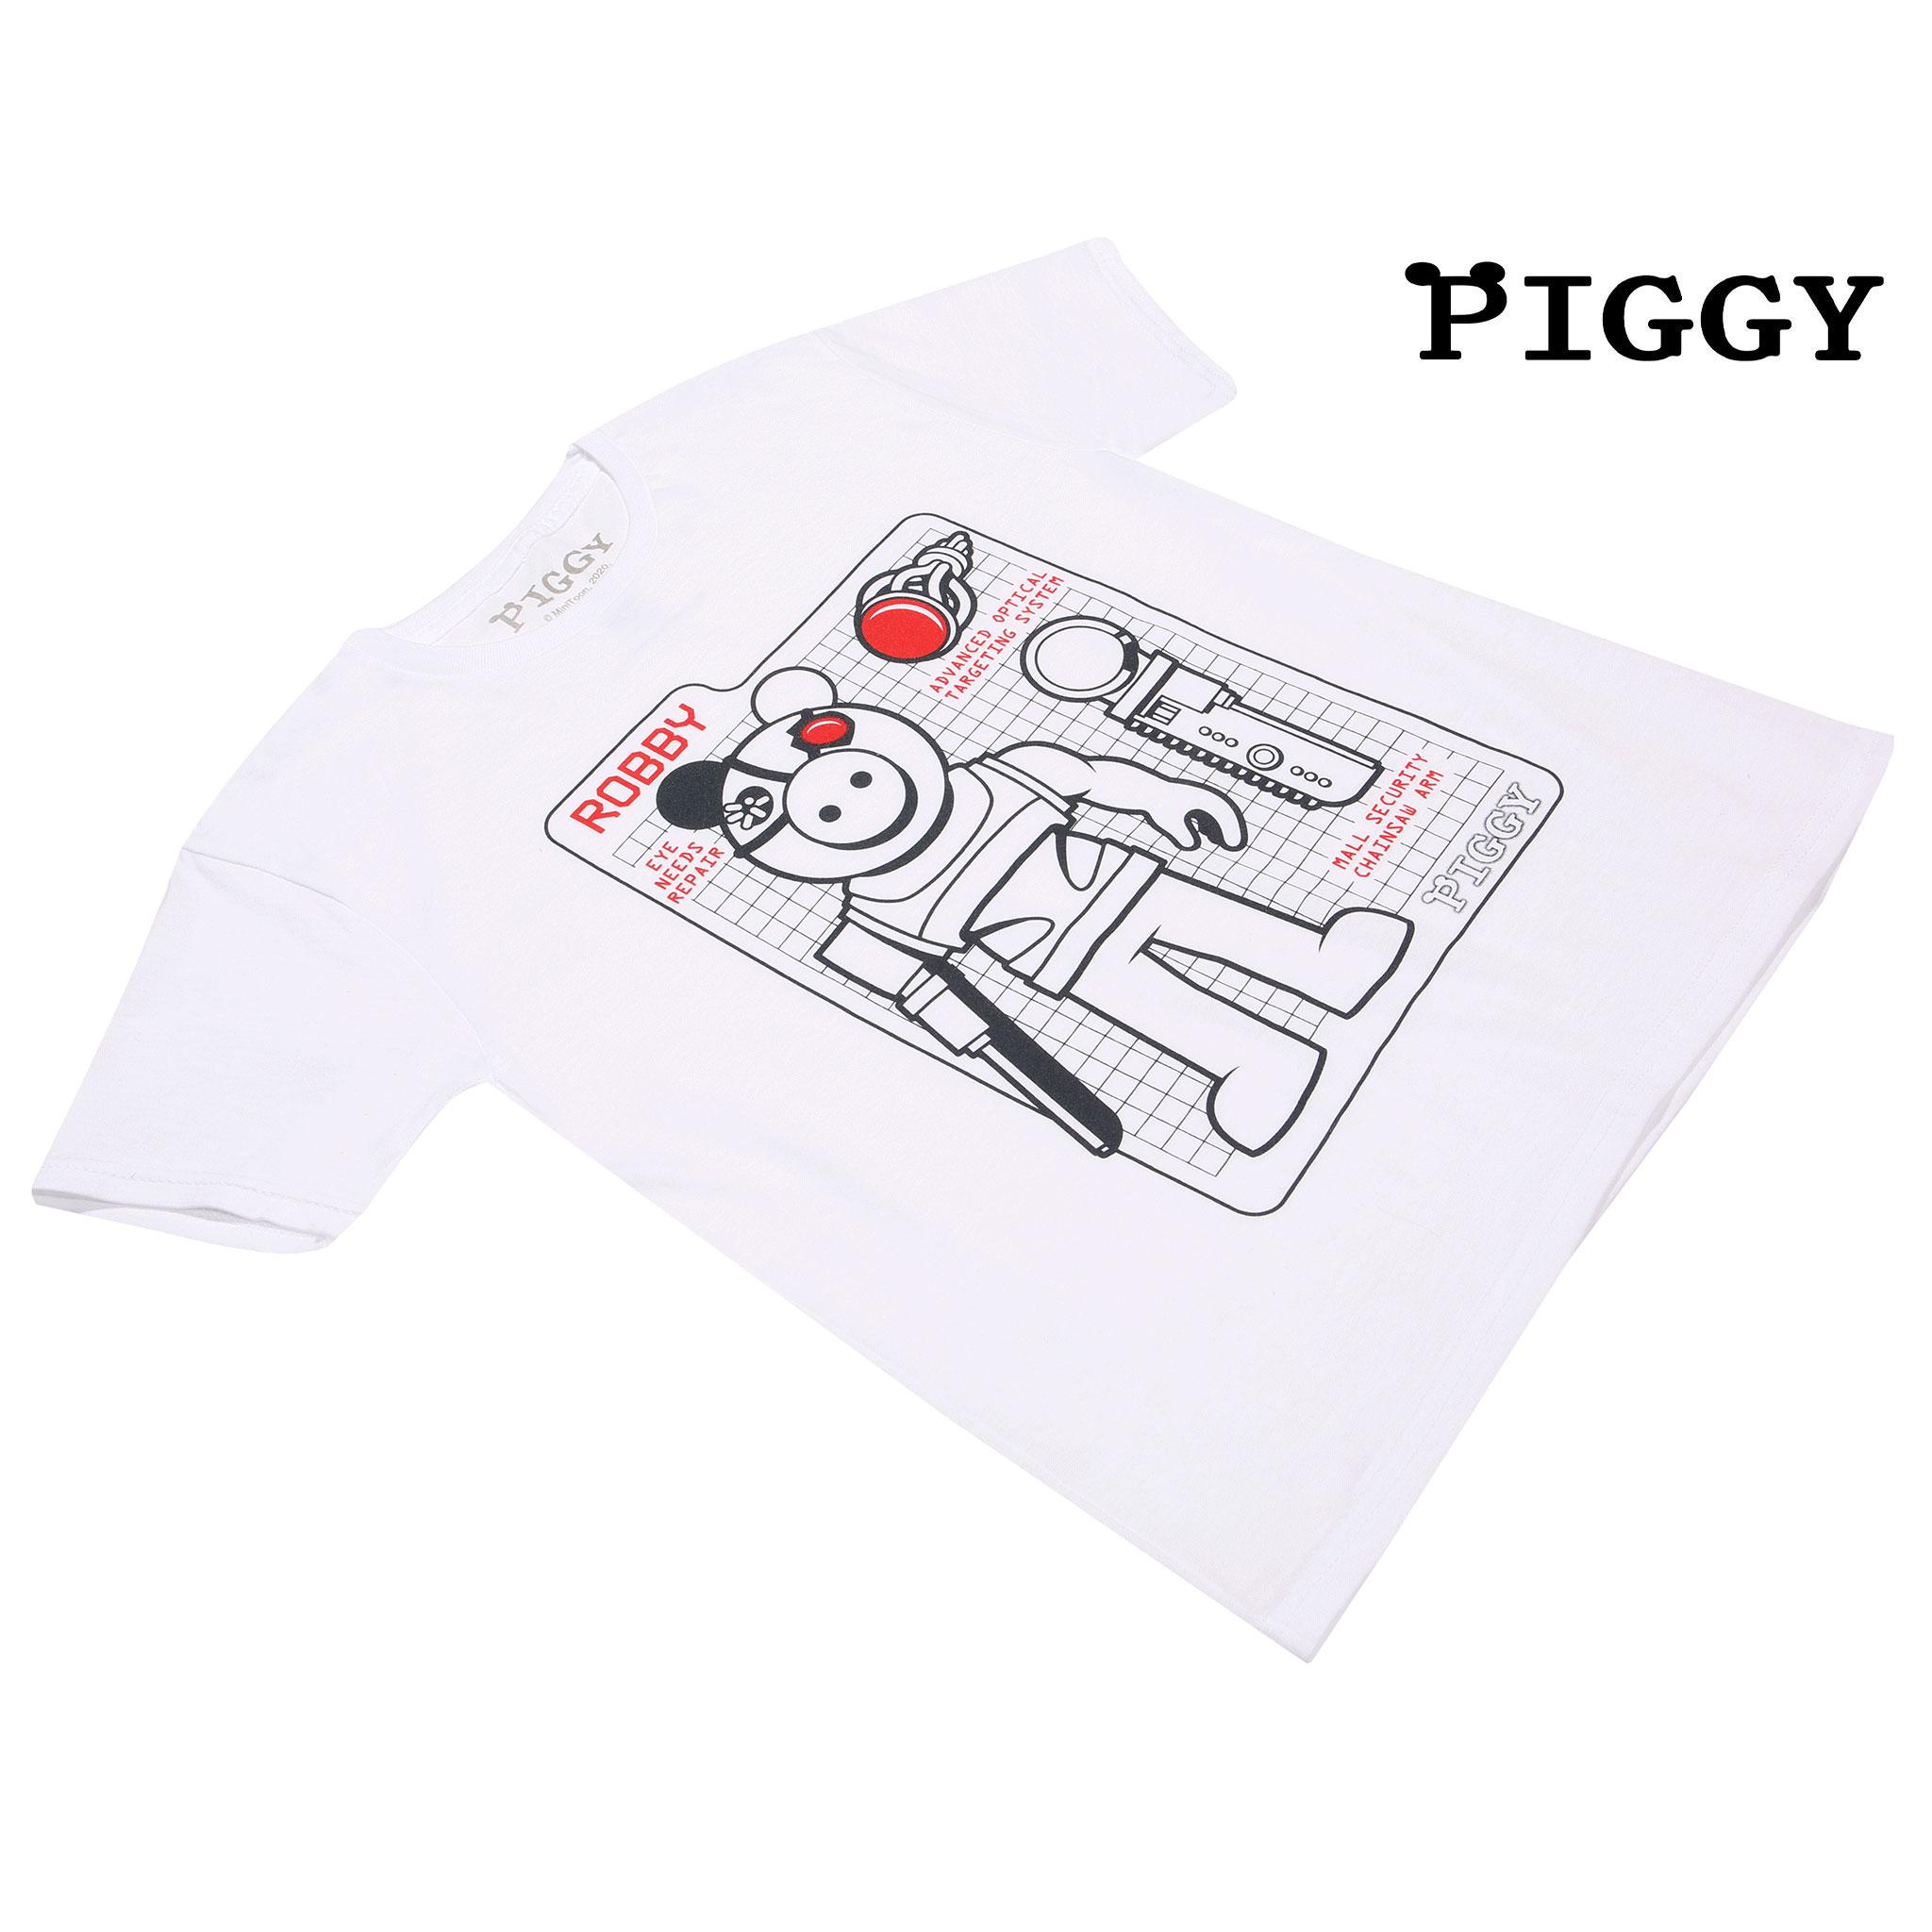 miniature 19 - Boys Piggy T Shirt Robby Tech Specs Official